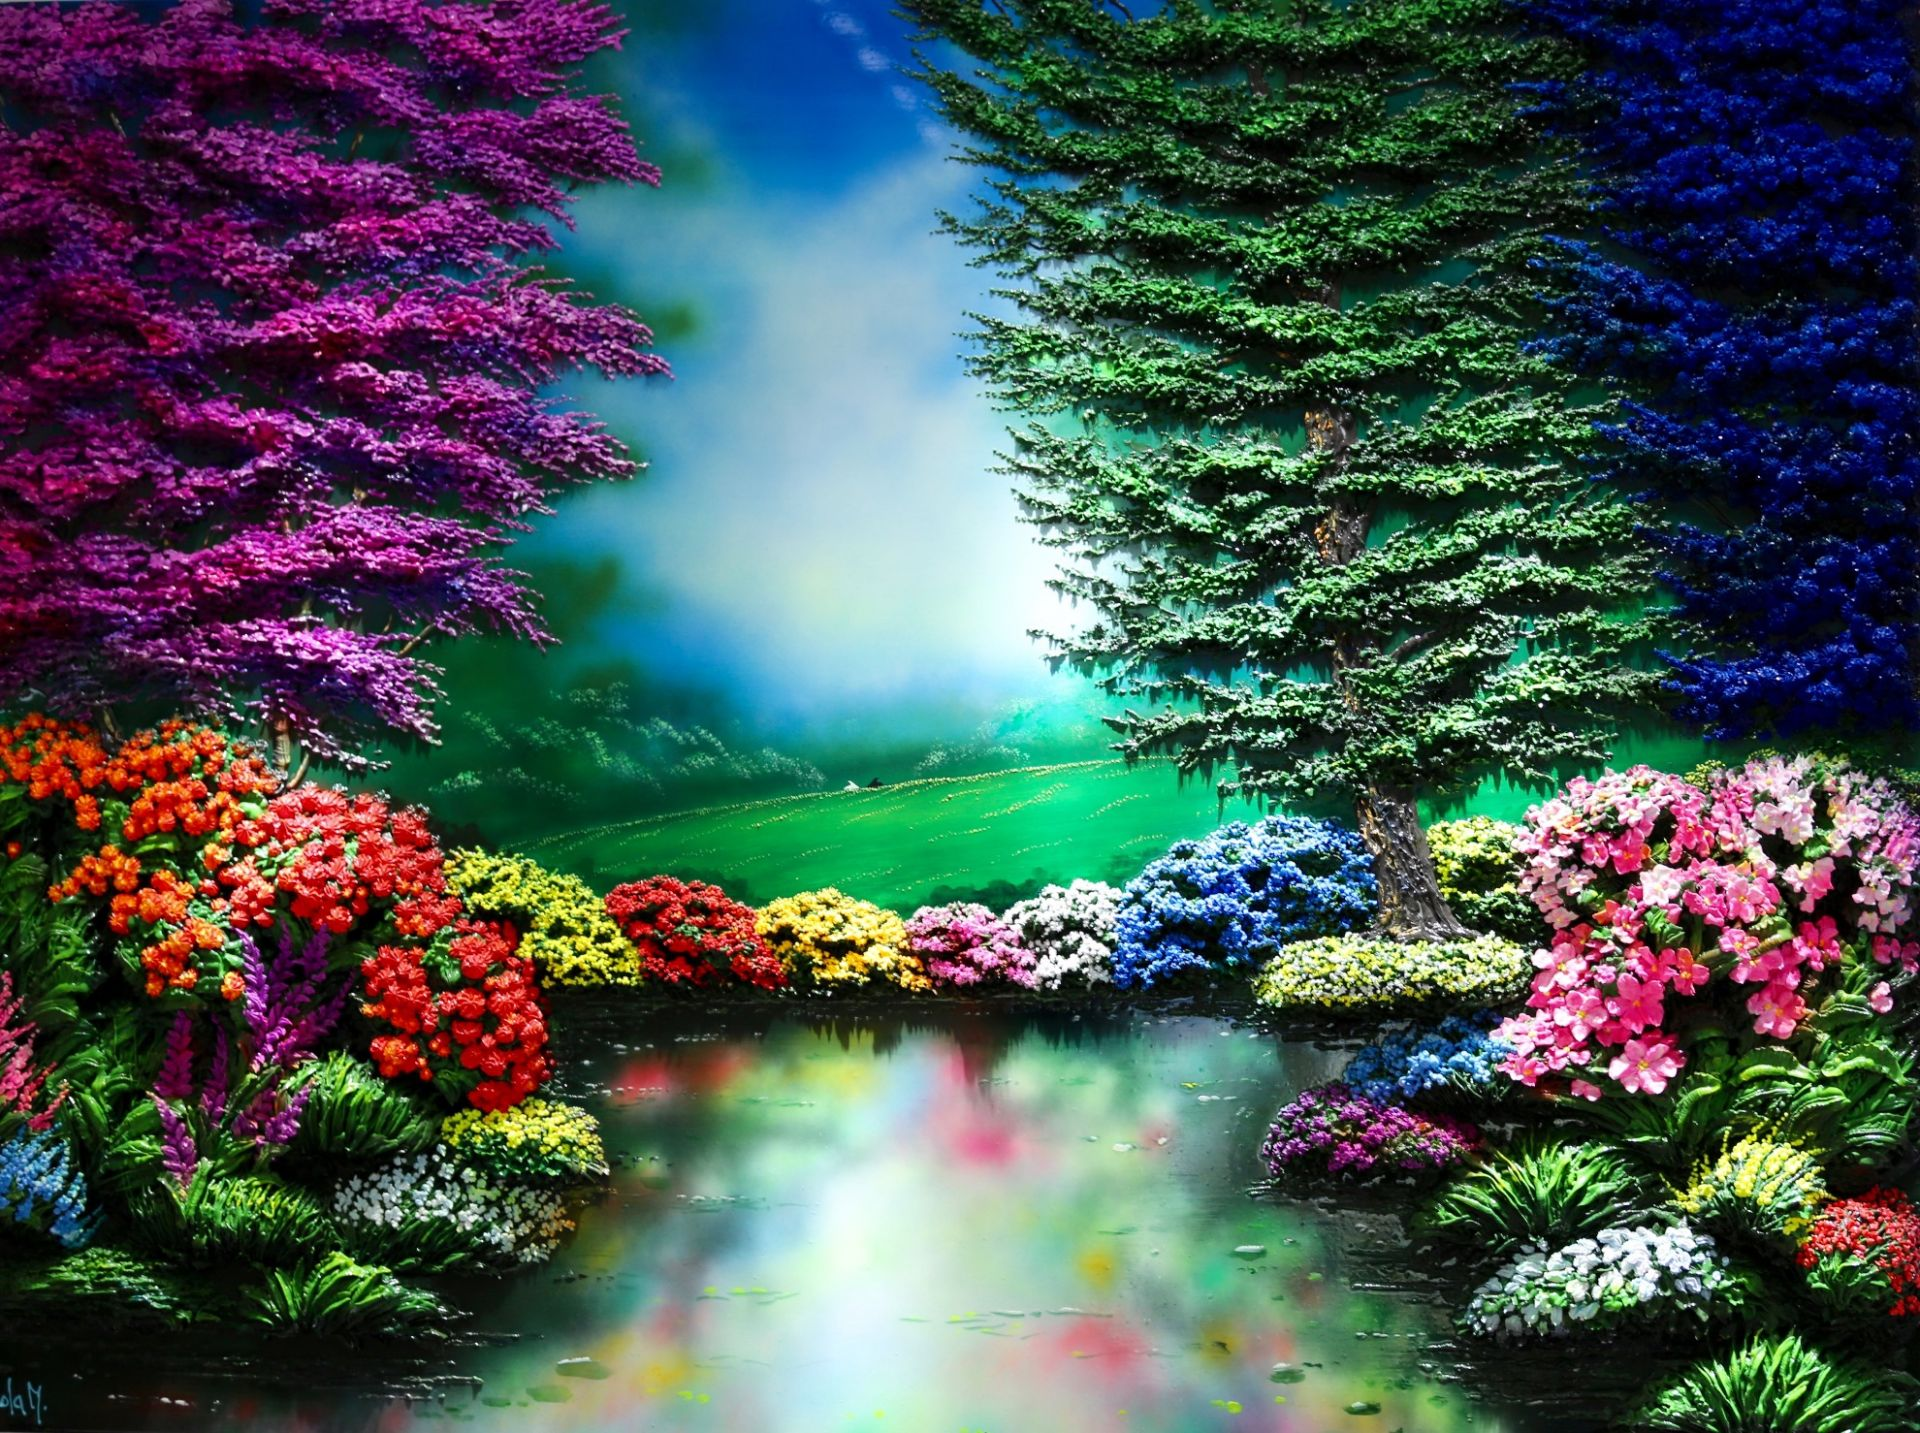 Massimo Meda (Colorful Park, cm193x143)